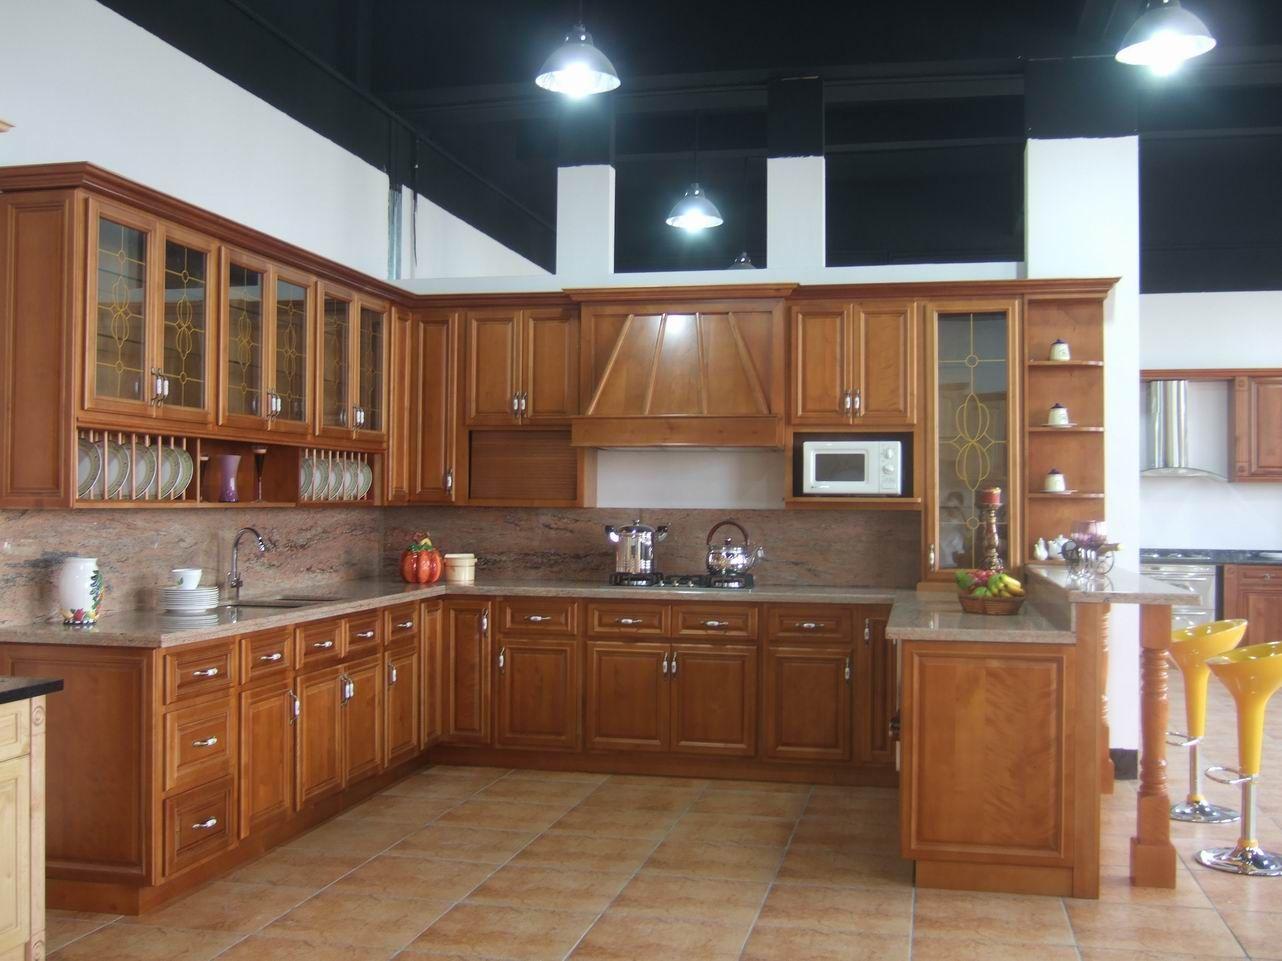 Las 10 cocinas de madera mas calidas. La madera es el material ...